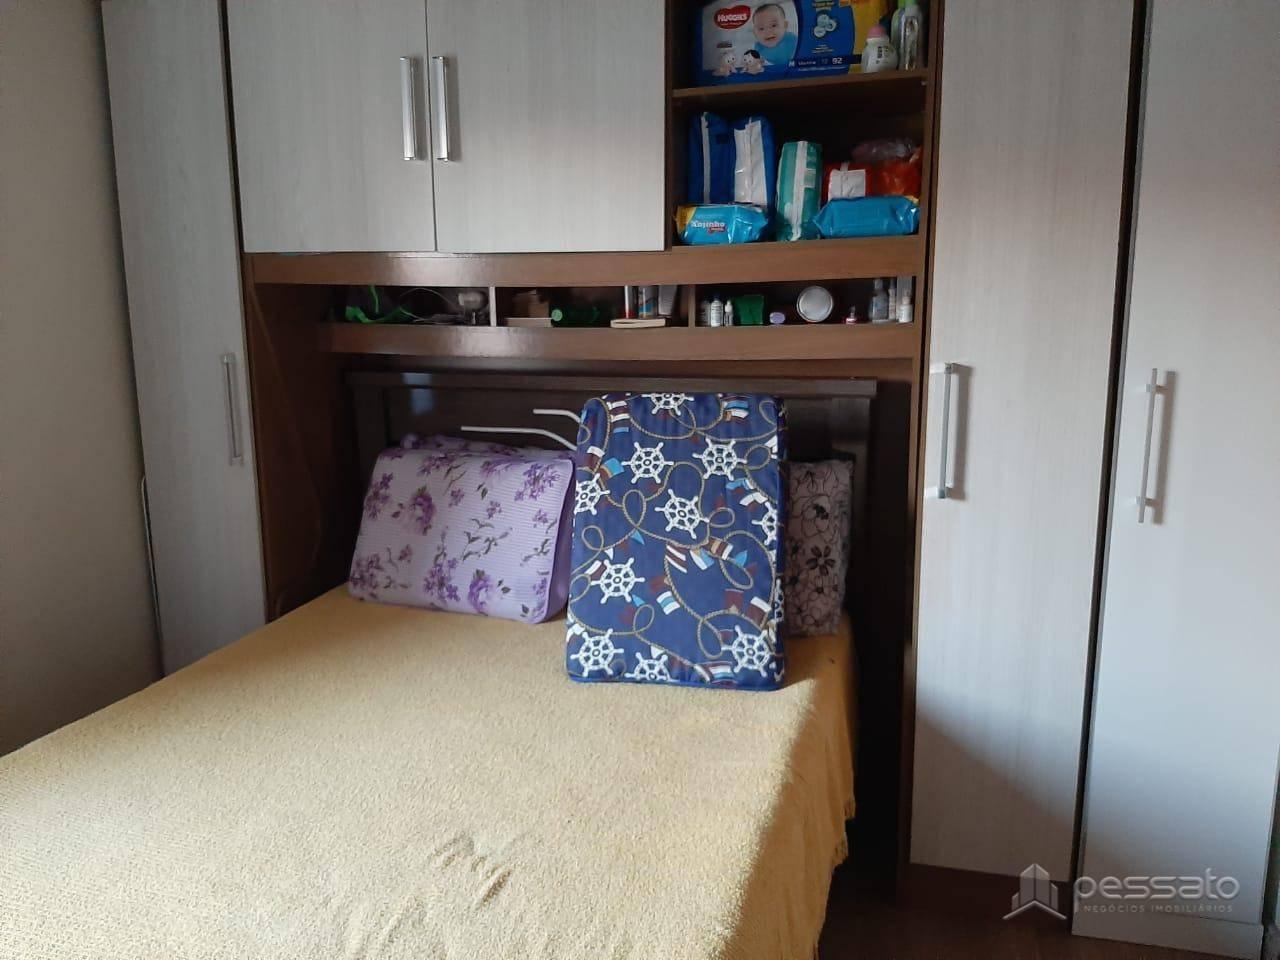 sobrado 2 dormitórios em Cachoeirinha, no bairro Central Parque